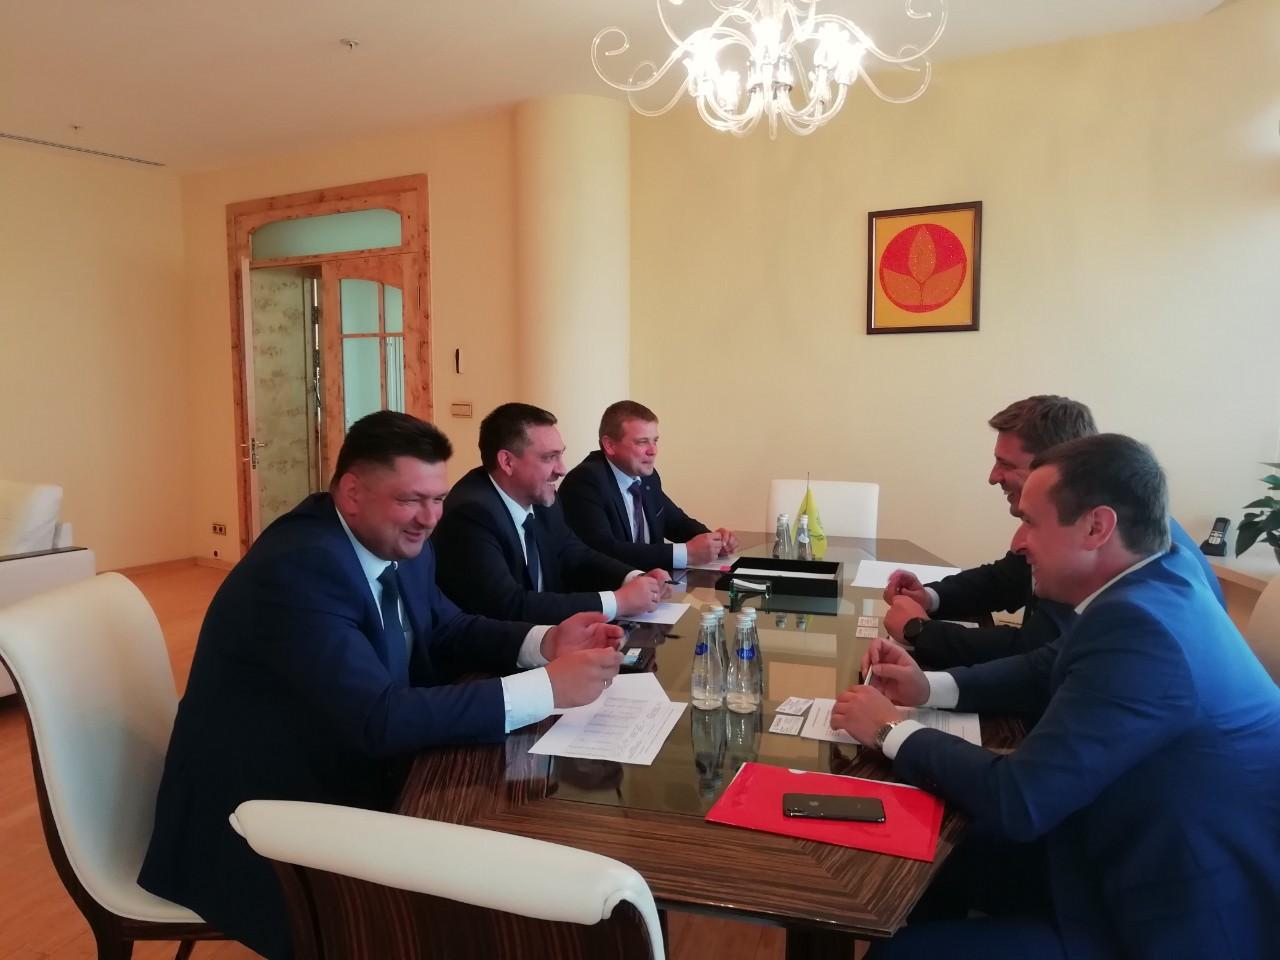 ОАО «ГОМСЕЛЬМАШ» и АО «РОСАГРОЛИЗИНГ» обсудили перспективы сотрудничества